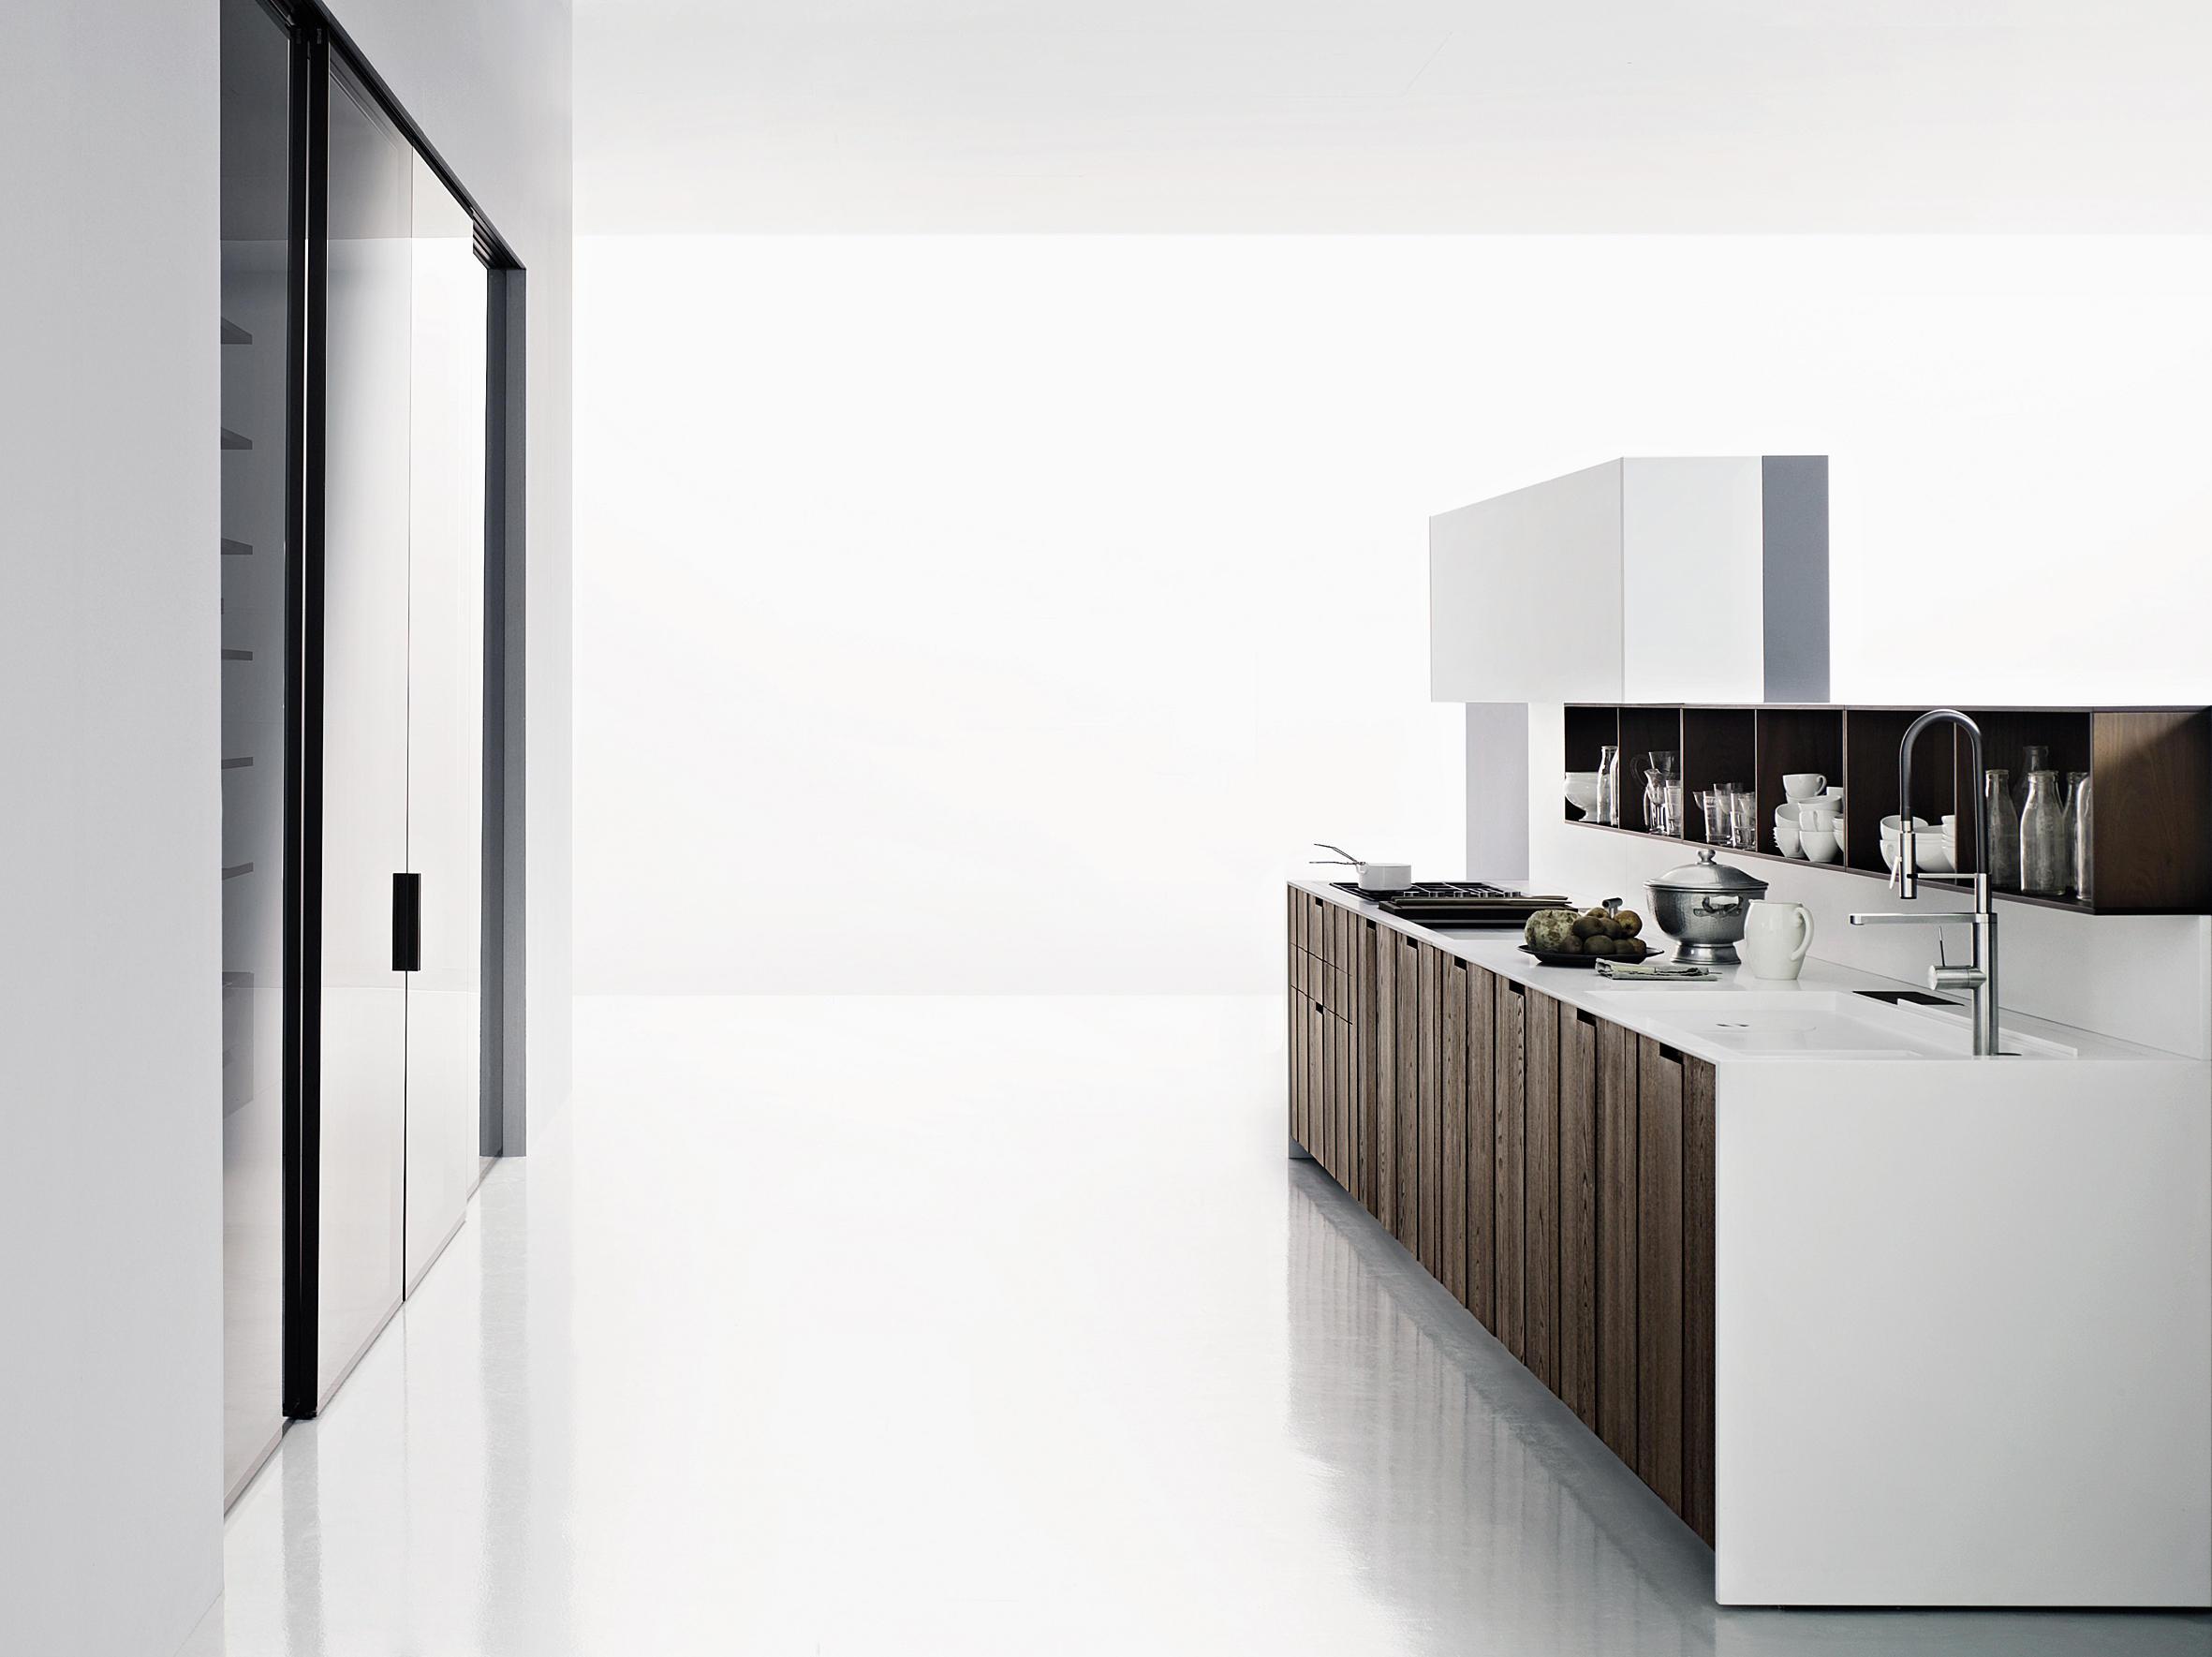 Aprile cucine a parete boffi architonic - Cucine a parete ...